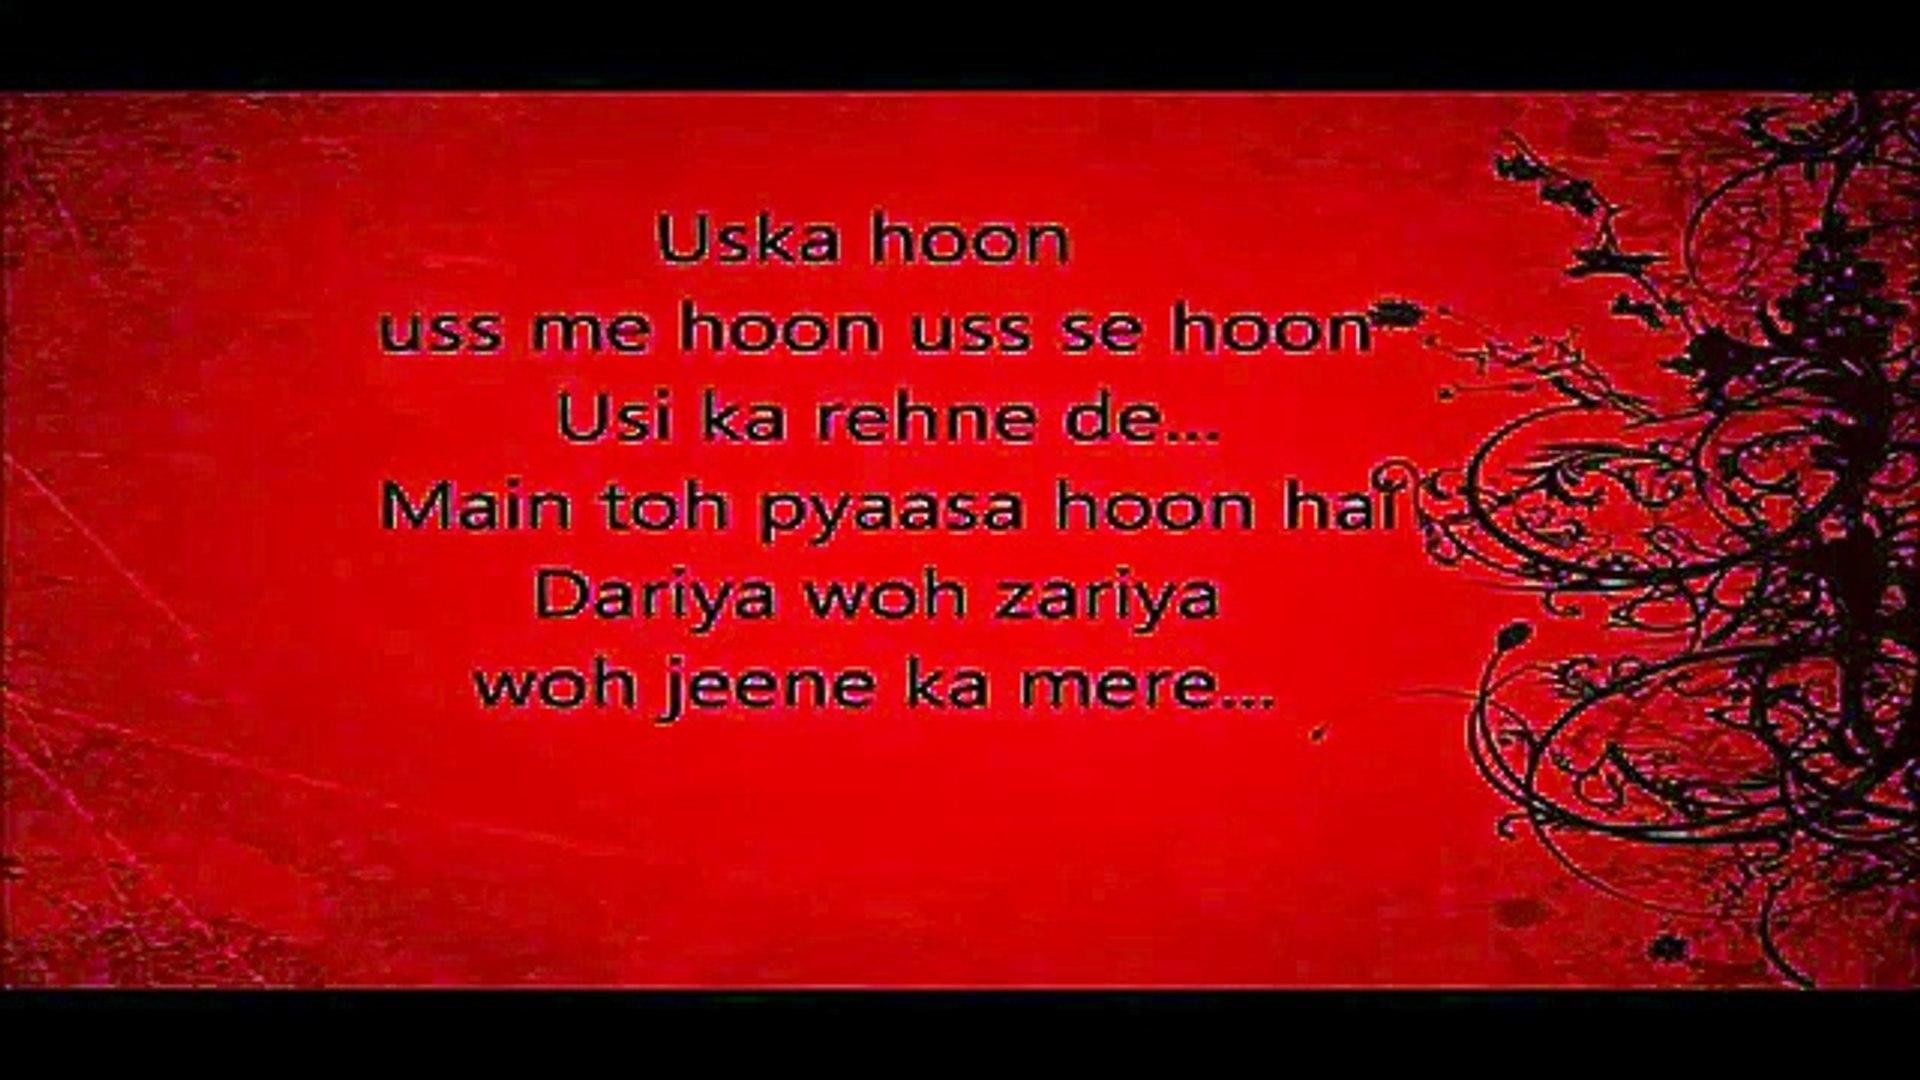 Uska Hi Bana Lyrics 360p Video Dailymotion